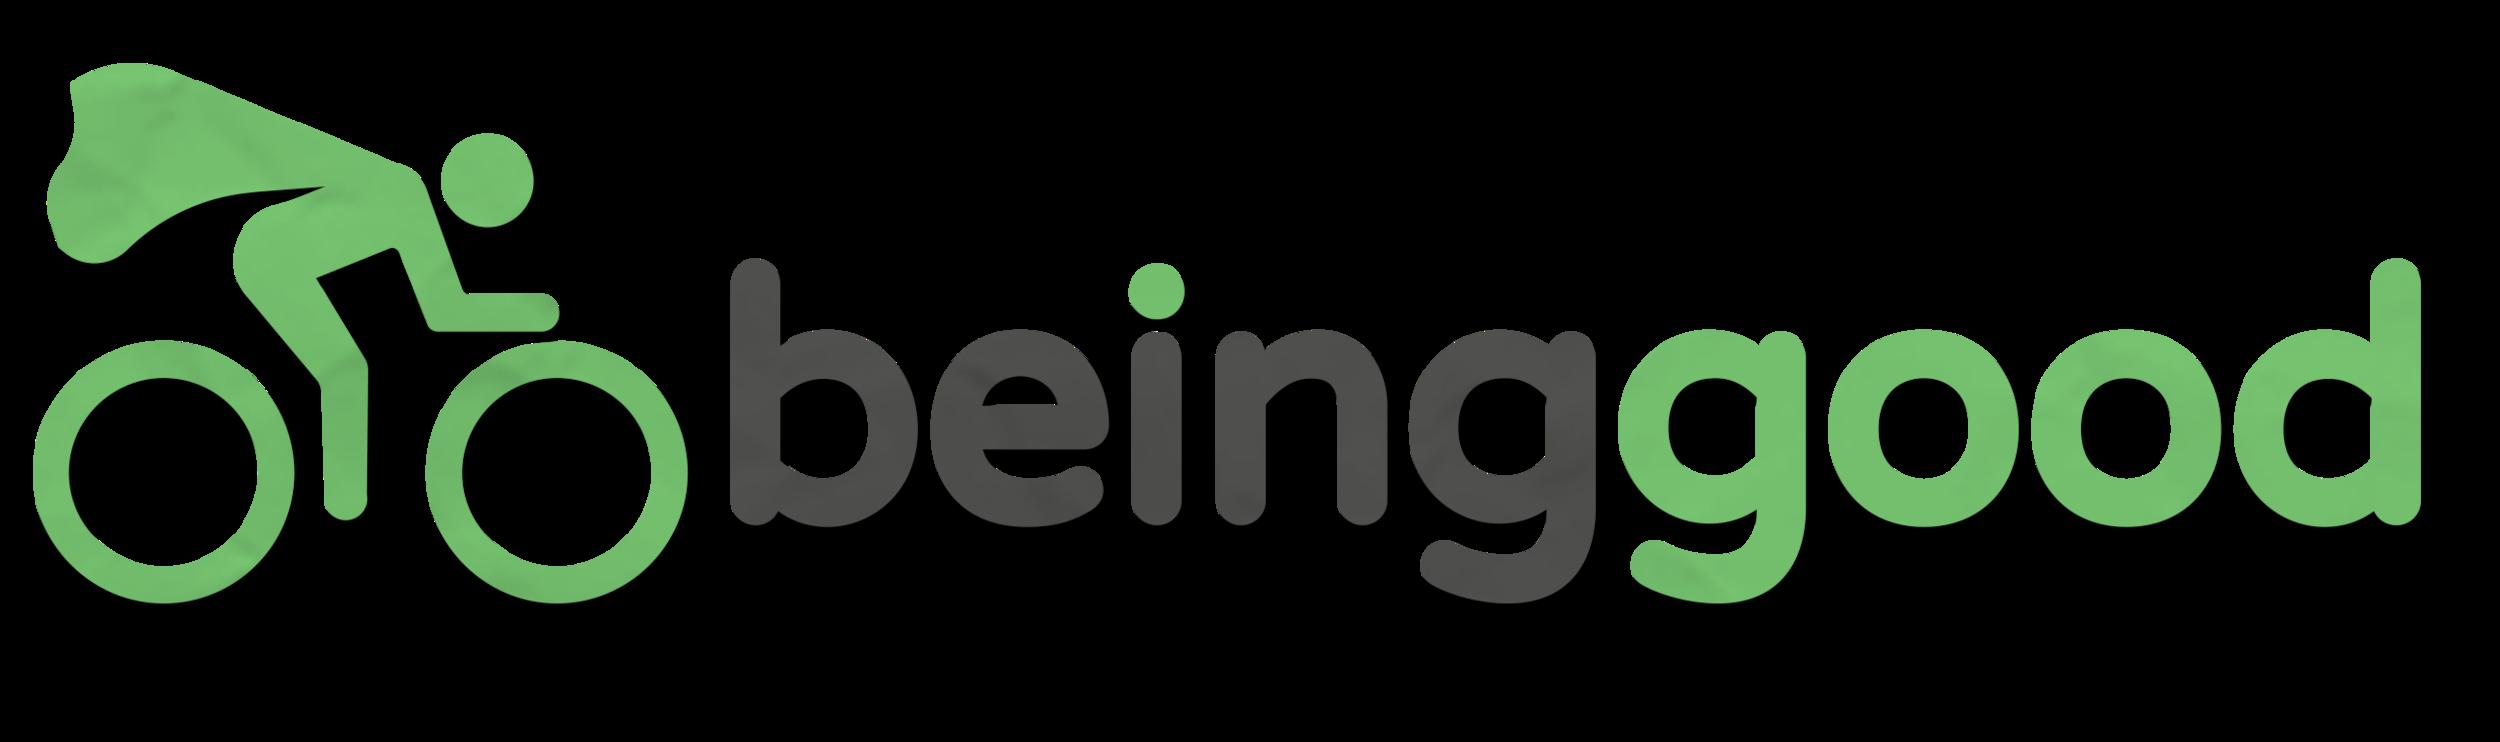 being good logo.png